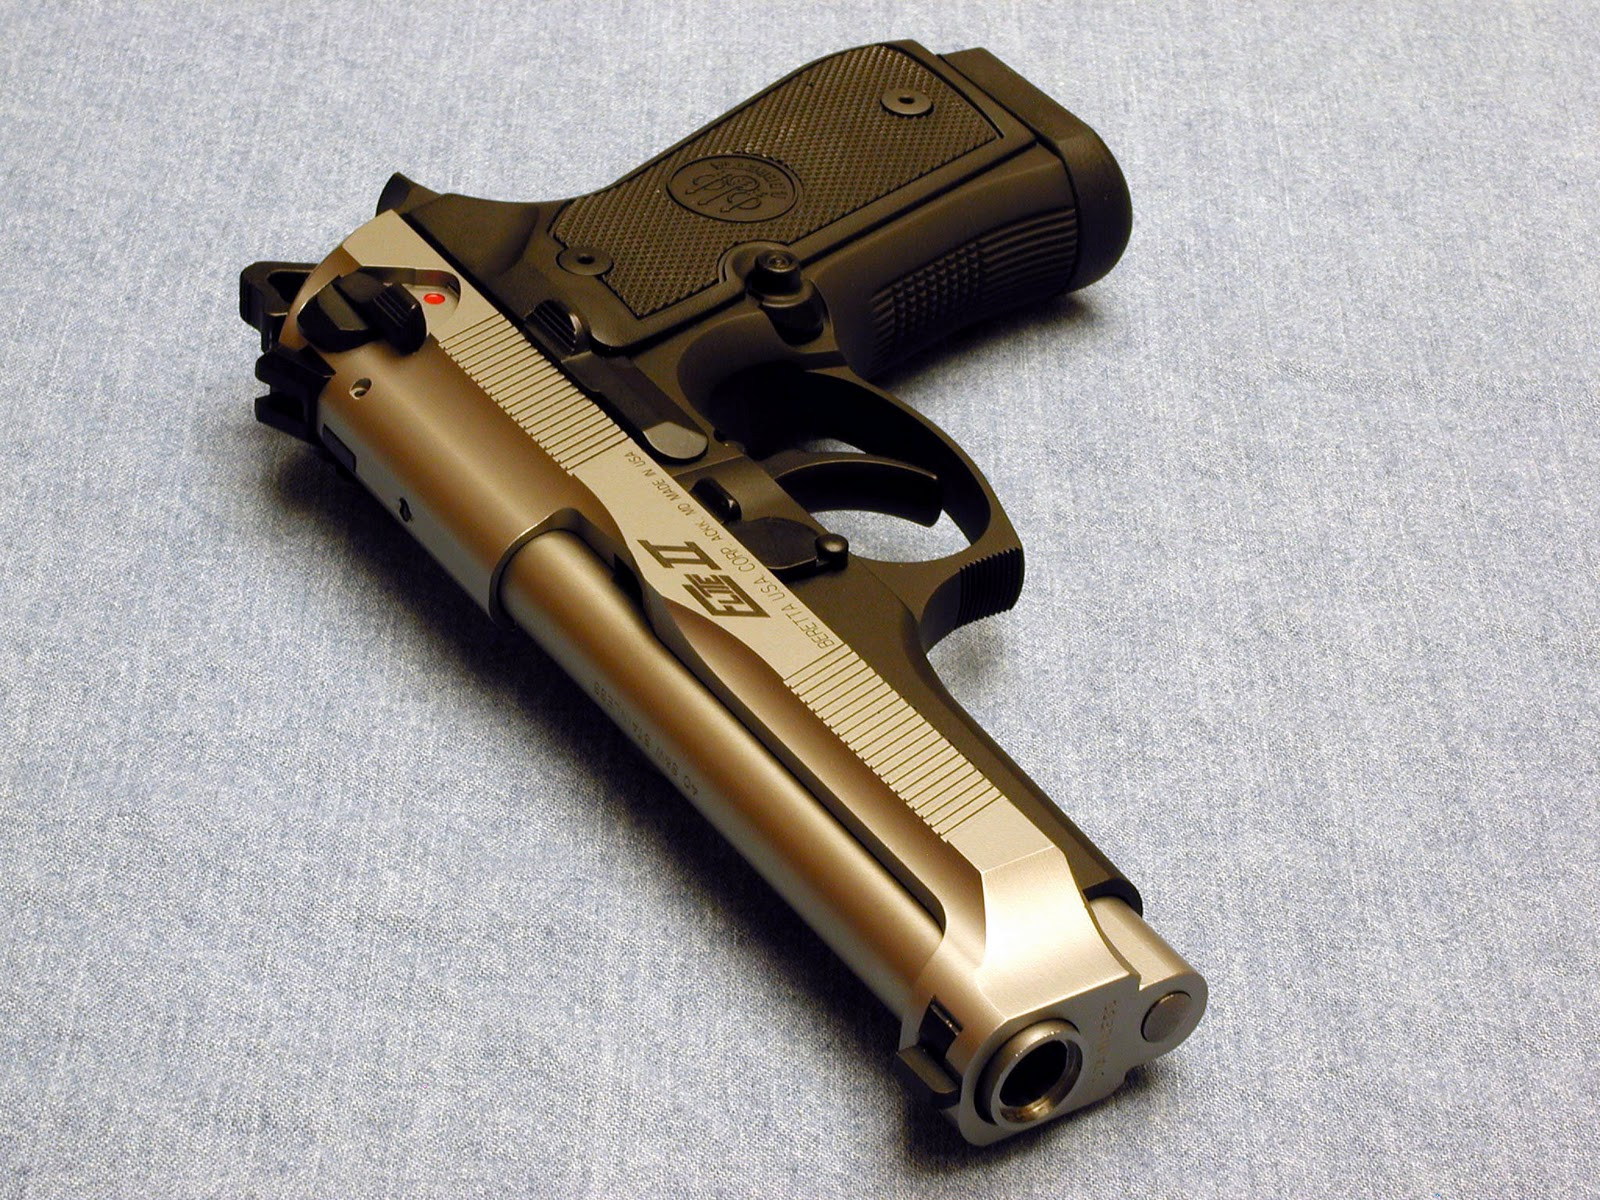 Fire Gun Wallpaper Beretta 96g Elite Ii Chambered In 40